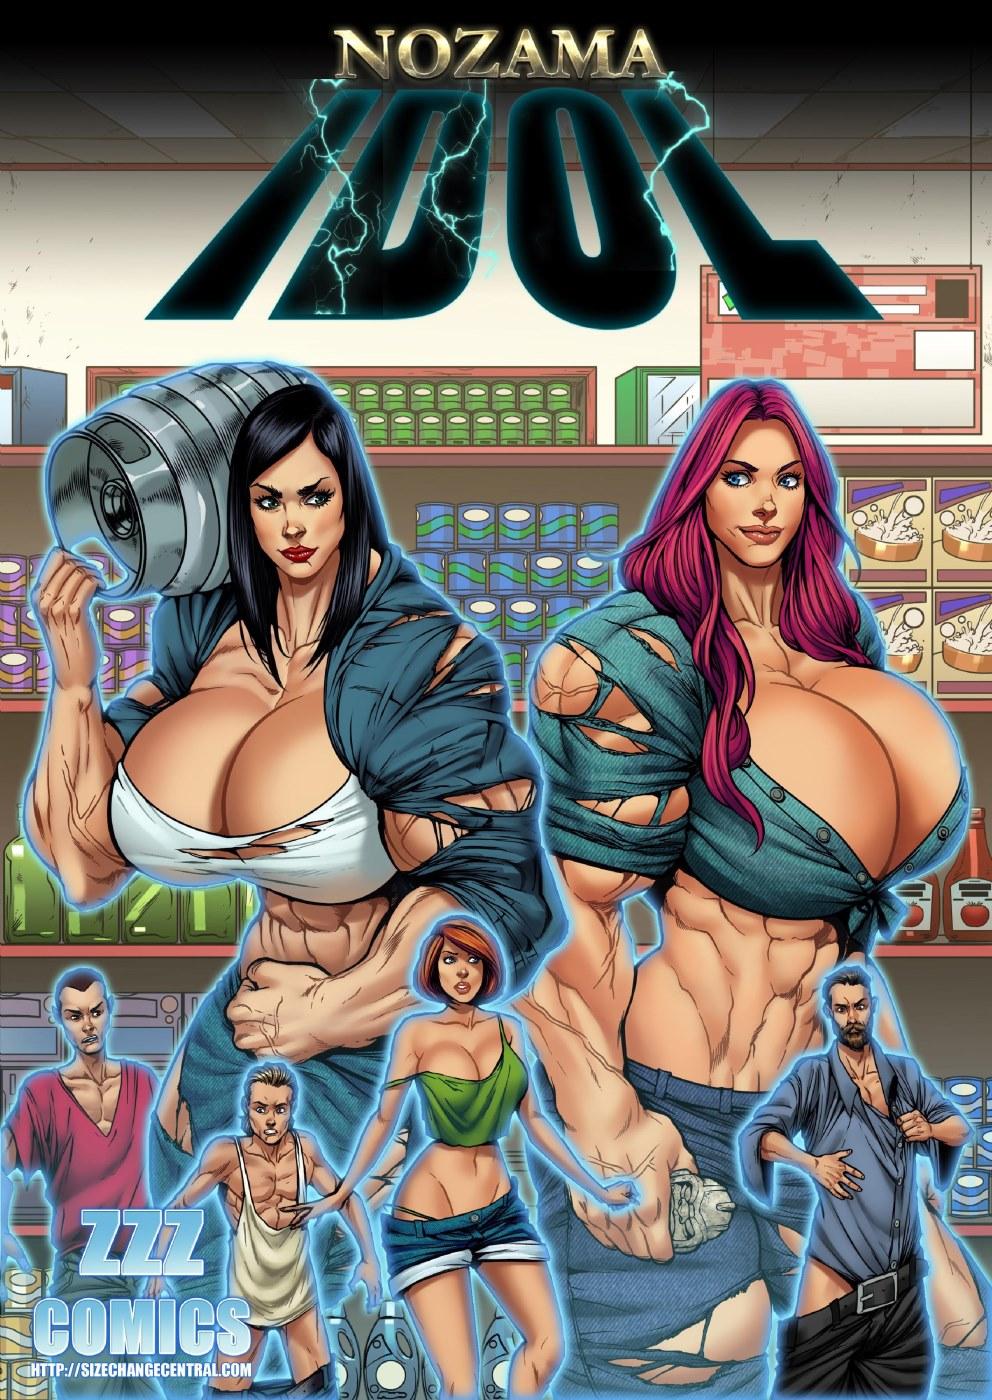 Porn Comics - ZZZ- Nozama Idol porn comics 8 muses